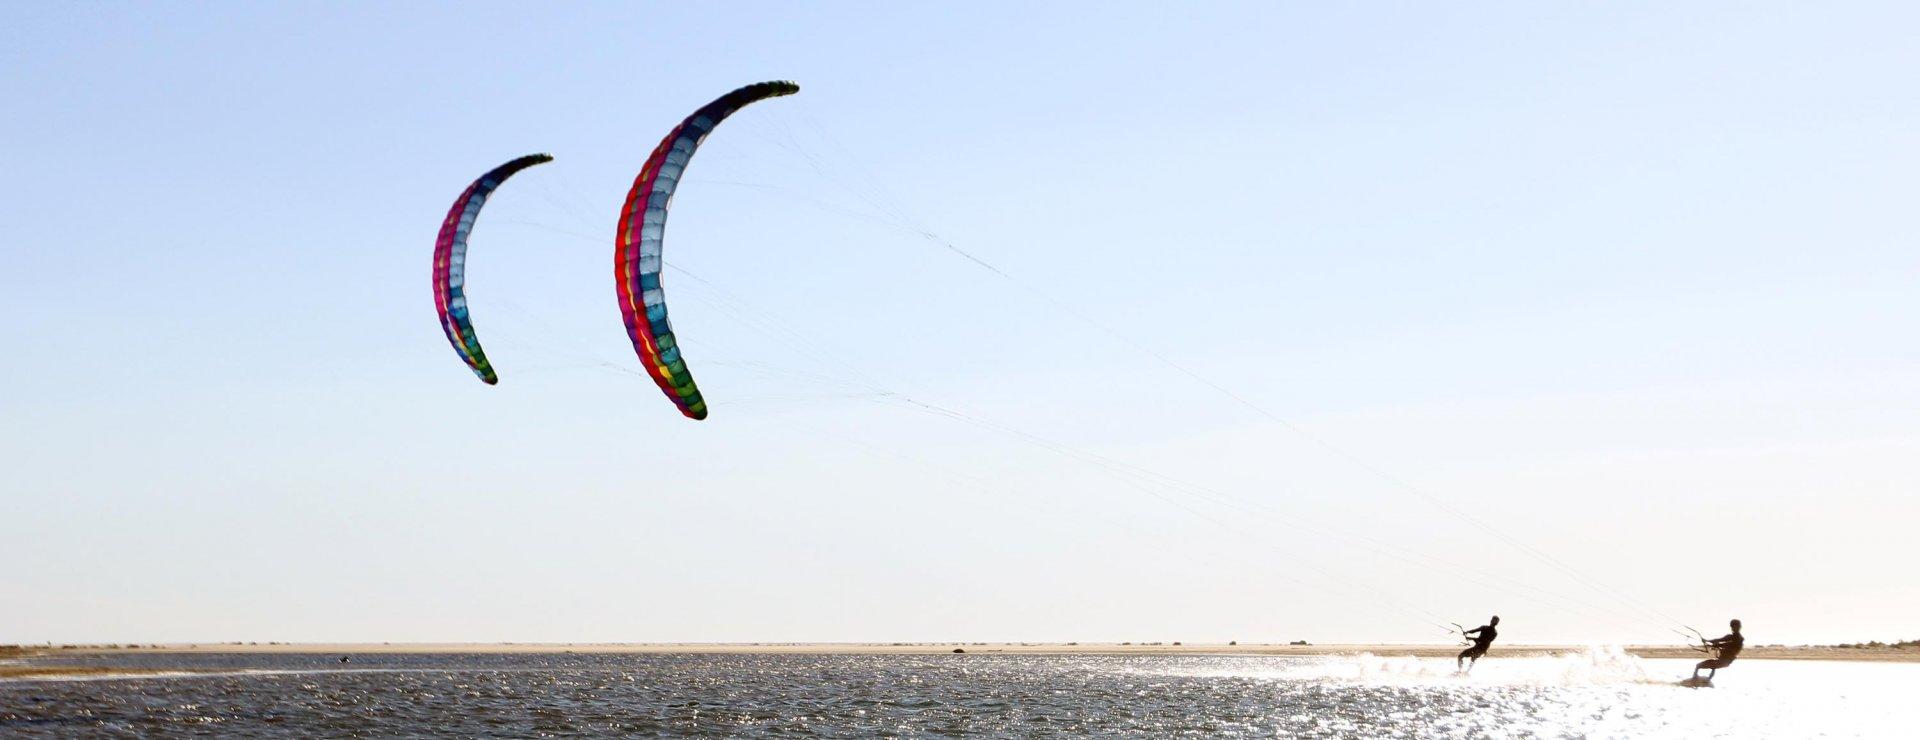 Airwave Kiteboarding Opens